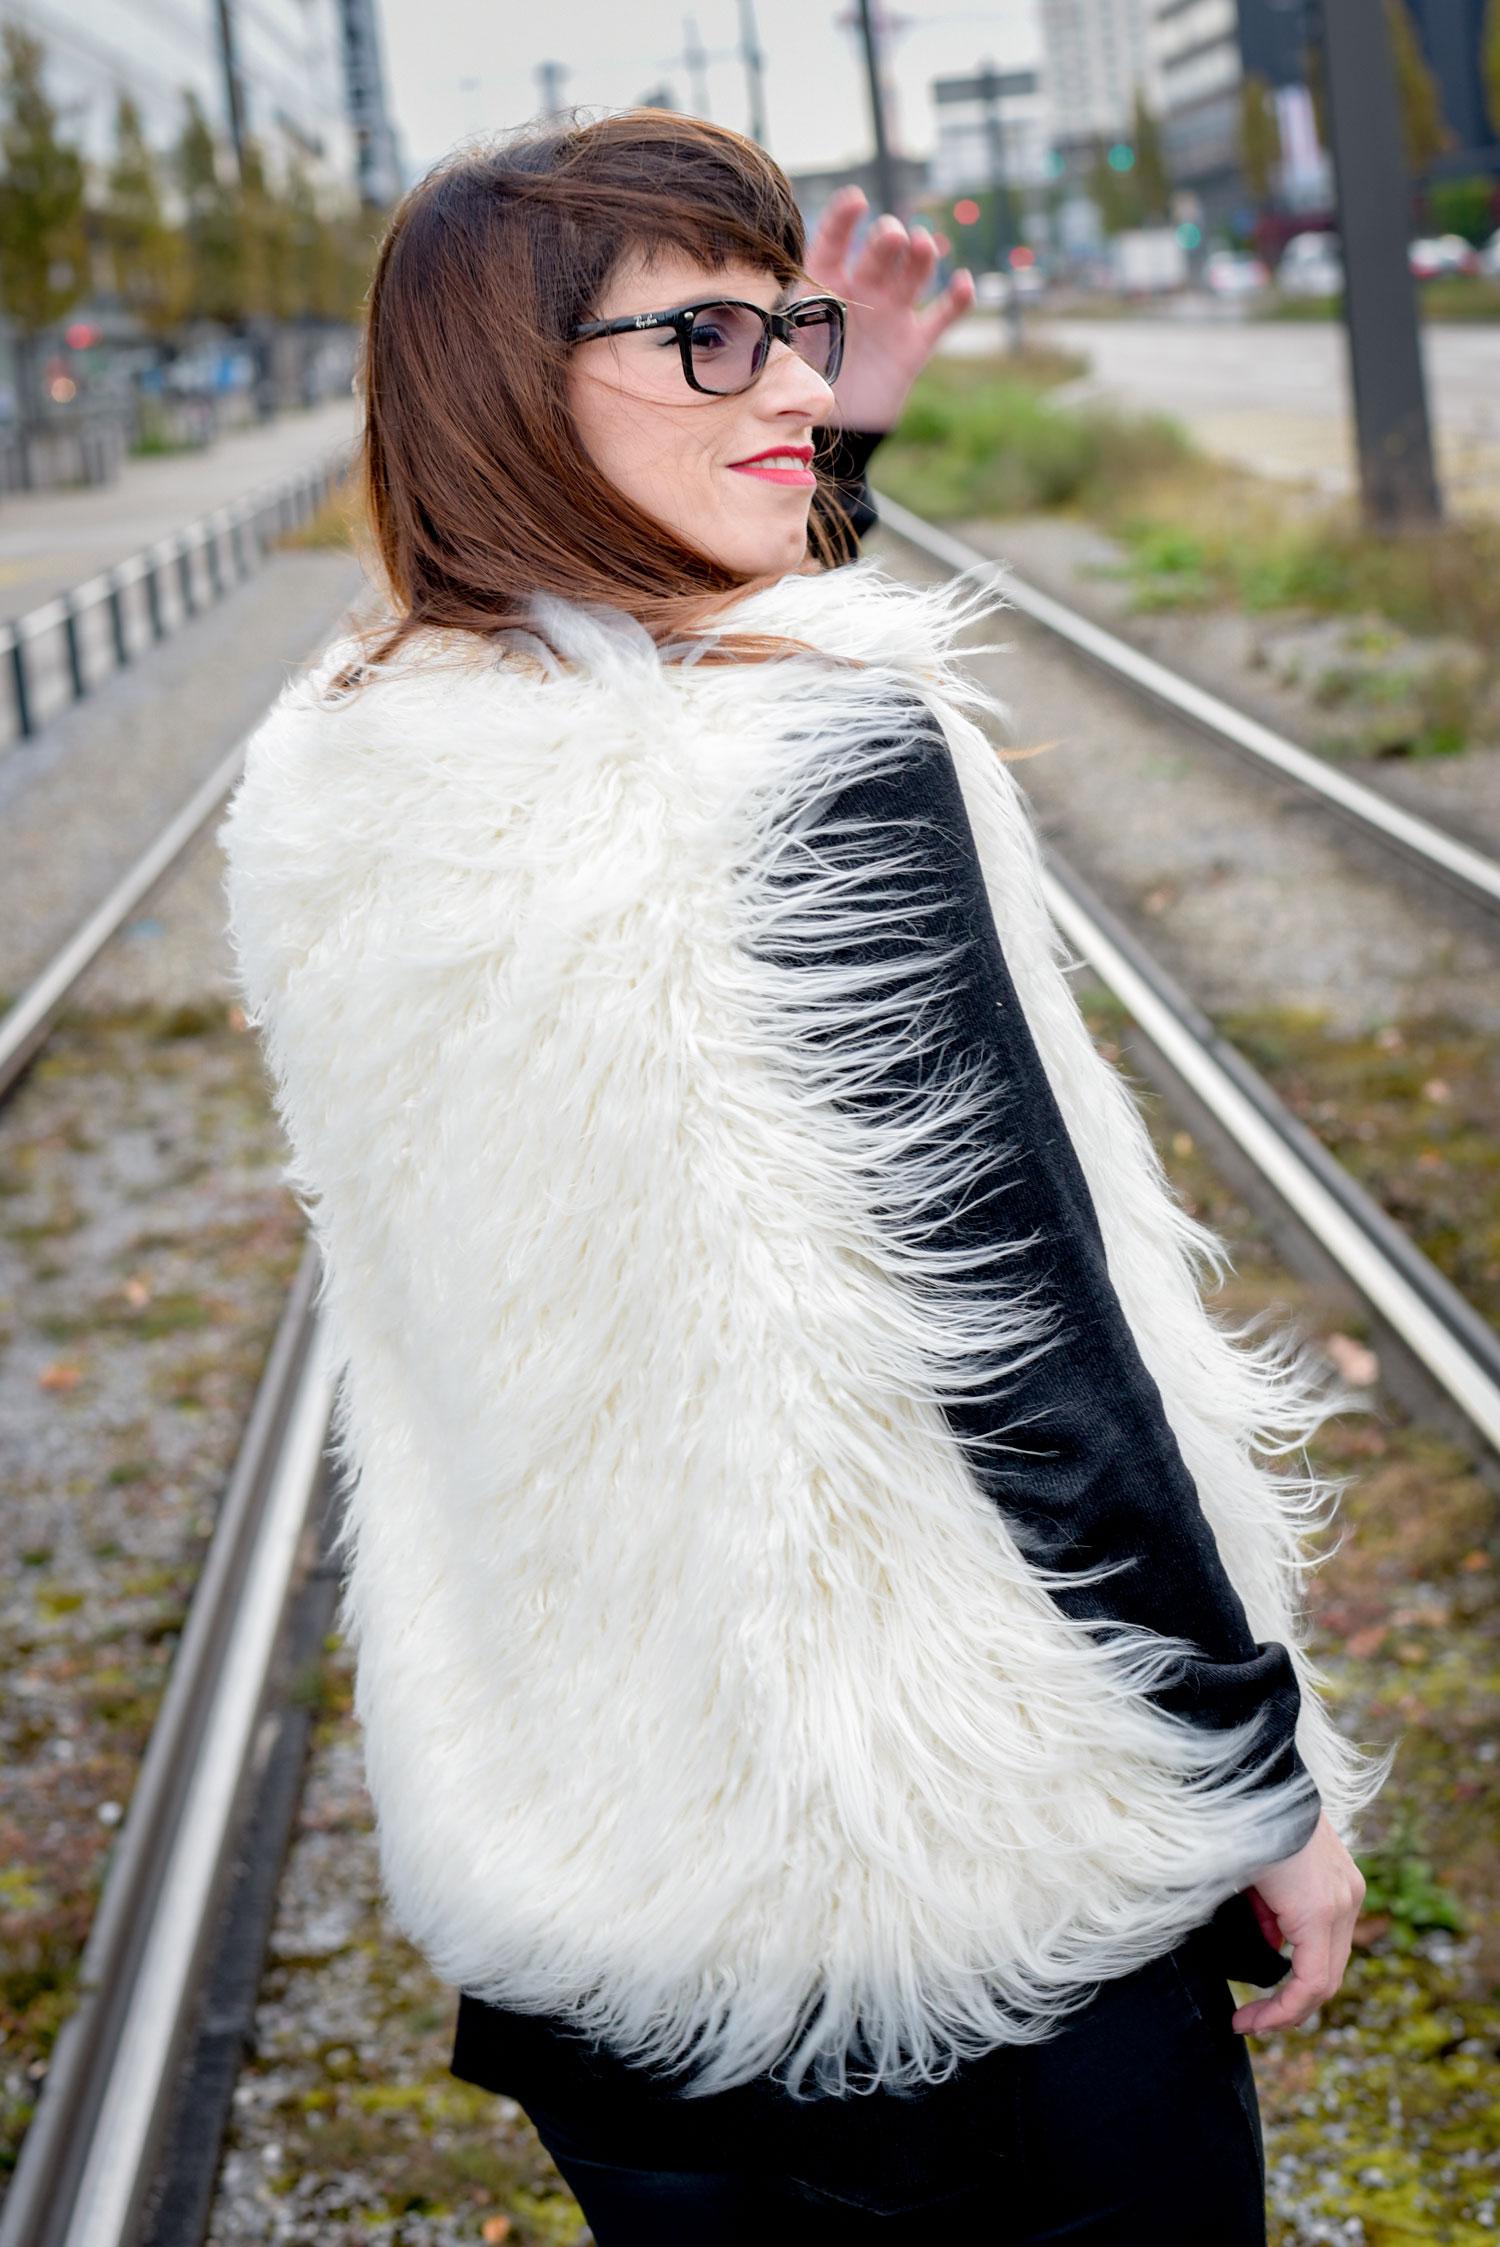 Auftritt Fake Fur: Fellweste von HM, Pullover von Hallhuber, Cordded Jeans in Lederoptik von Hallhuber, schwaze Stiefel von Tamaris